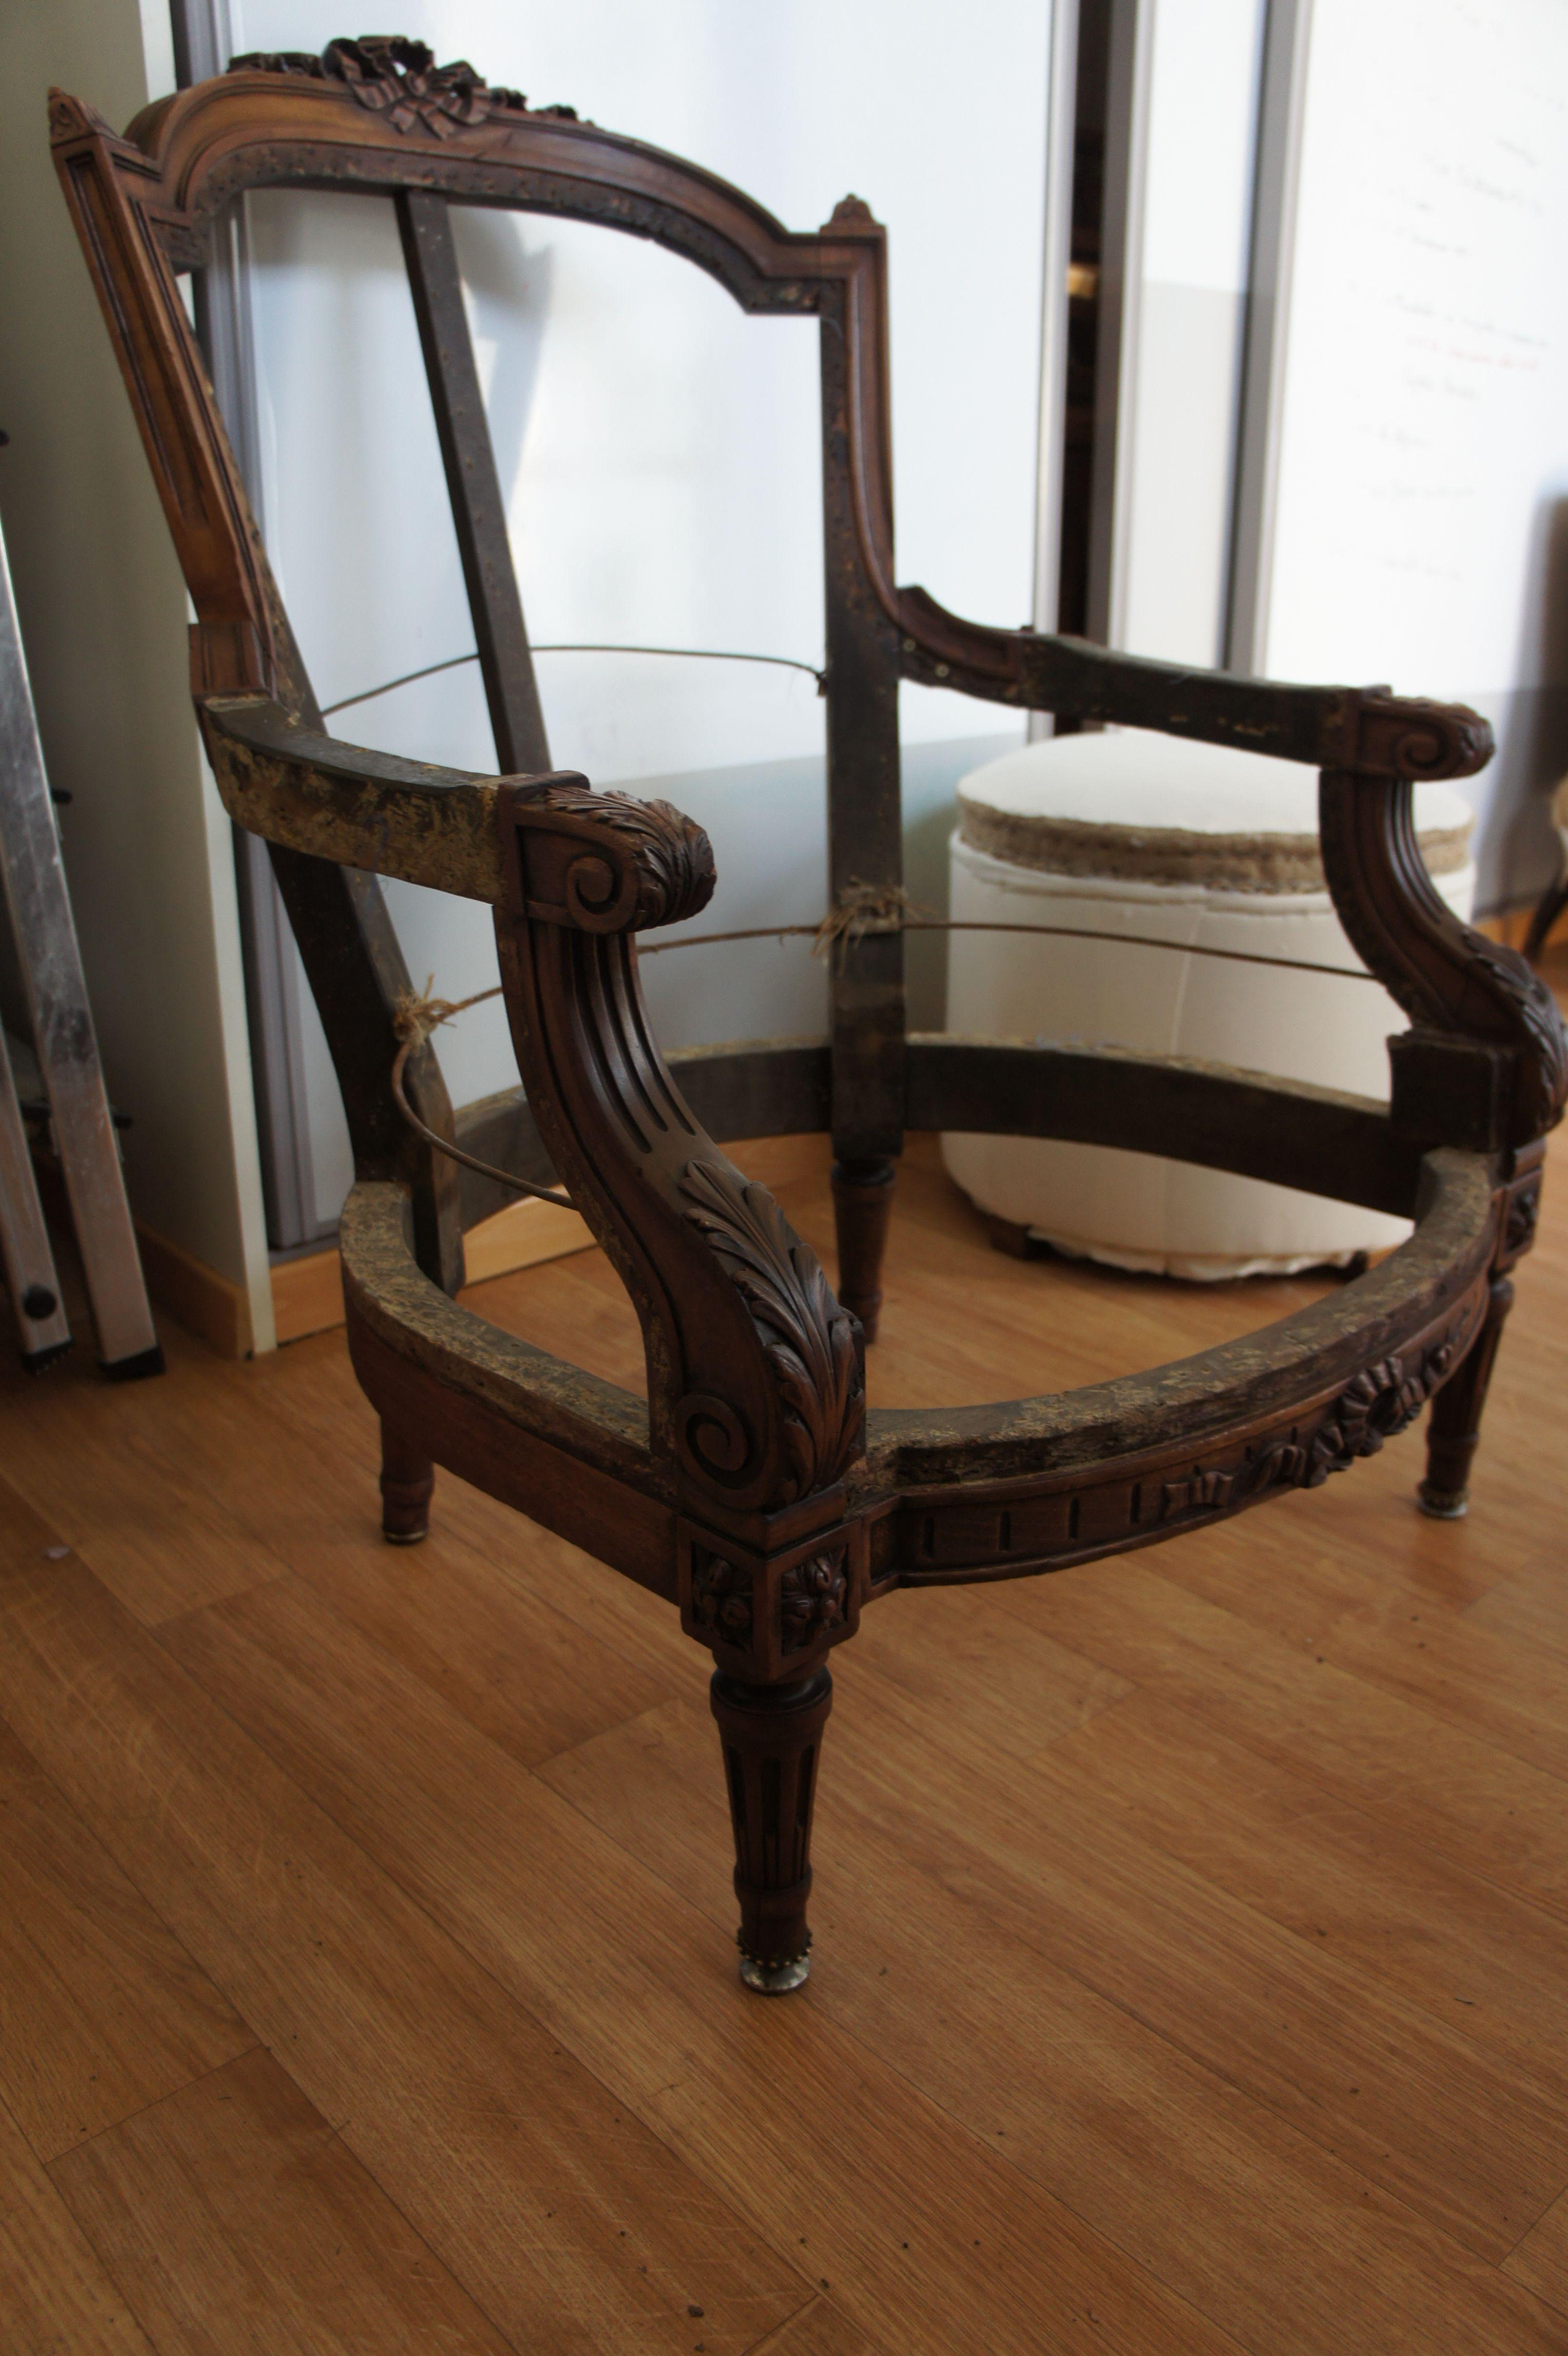 Comment Refaire Un Fauteuil Tapissier dégarnir le fauteuil | meuble, fauteuil, tapissier décorateur